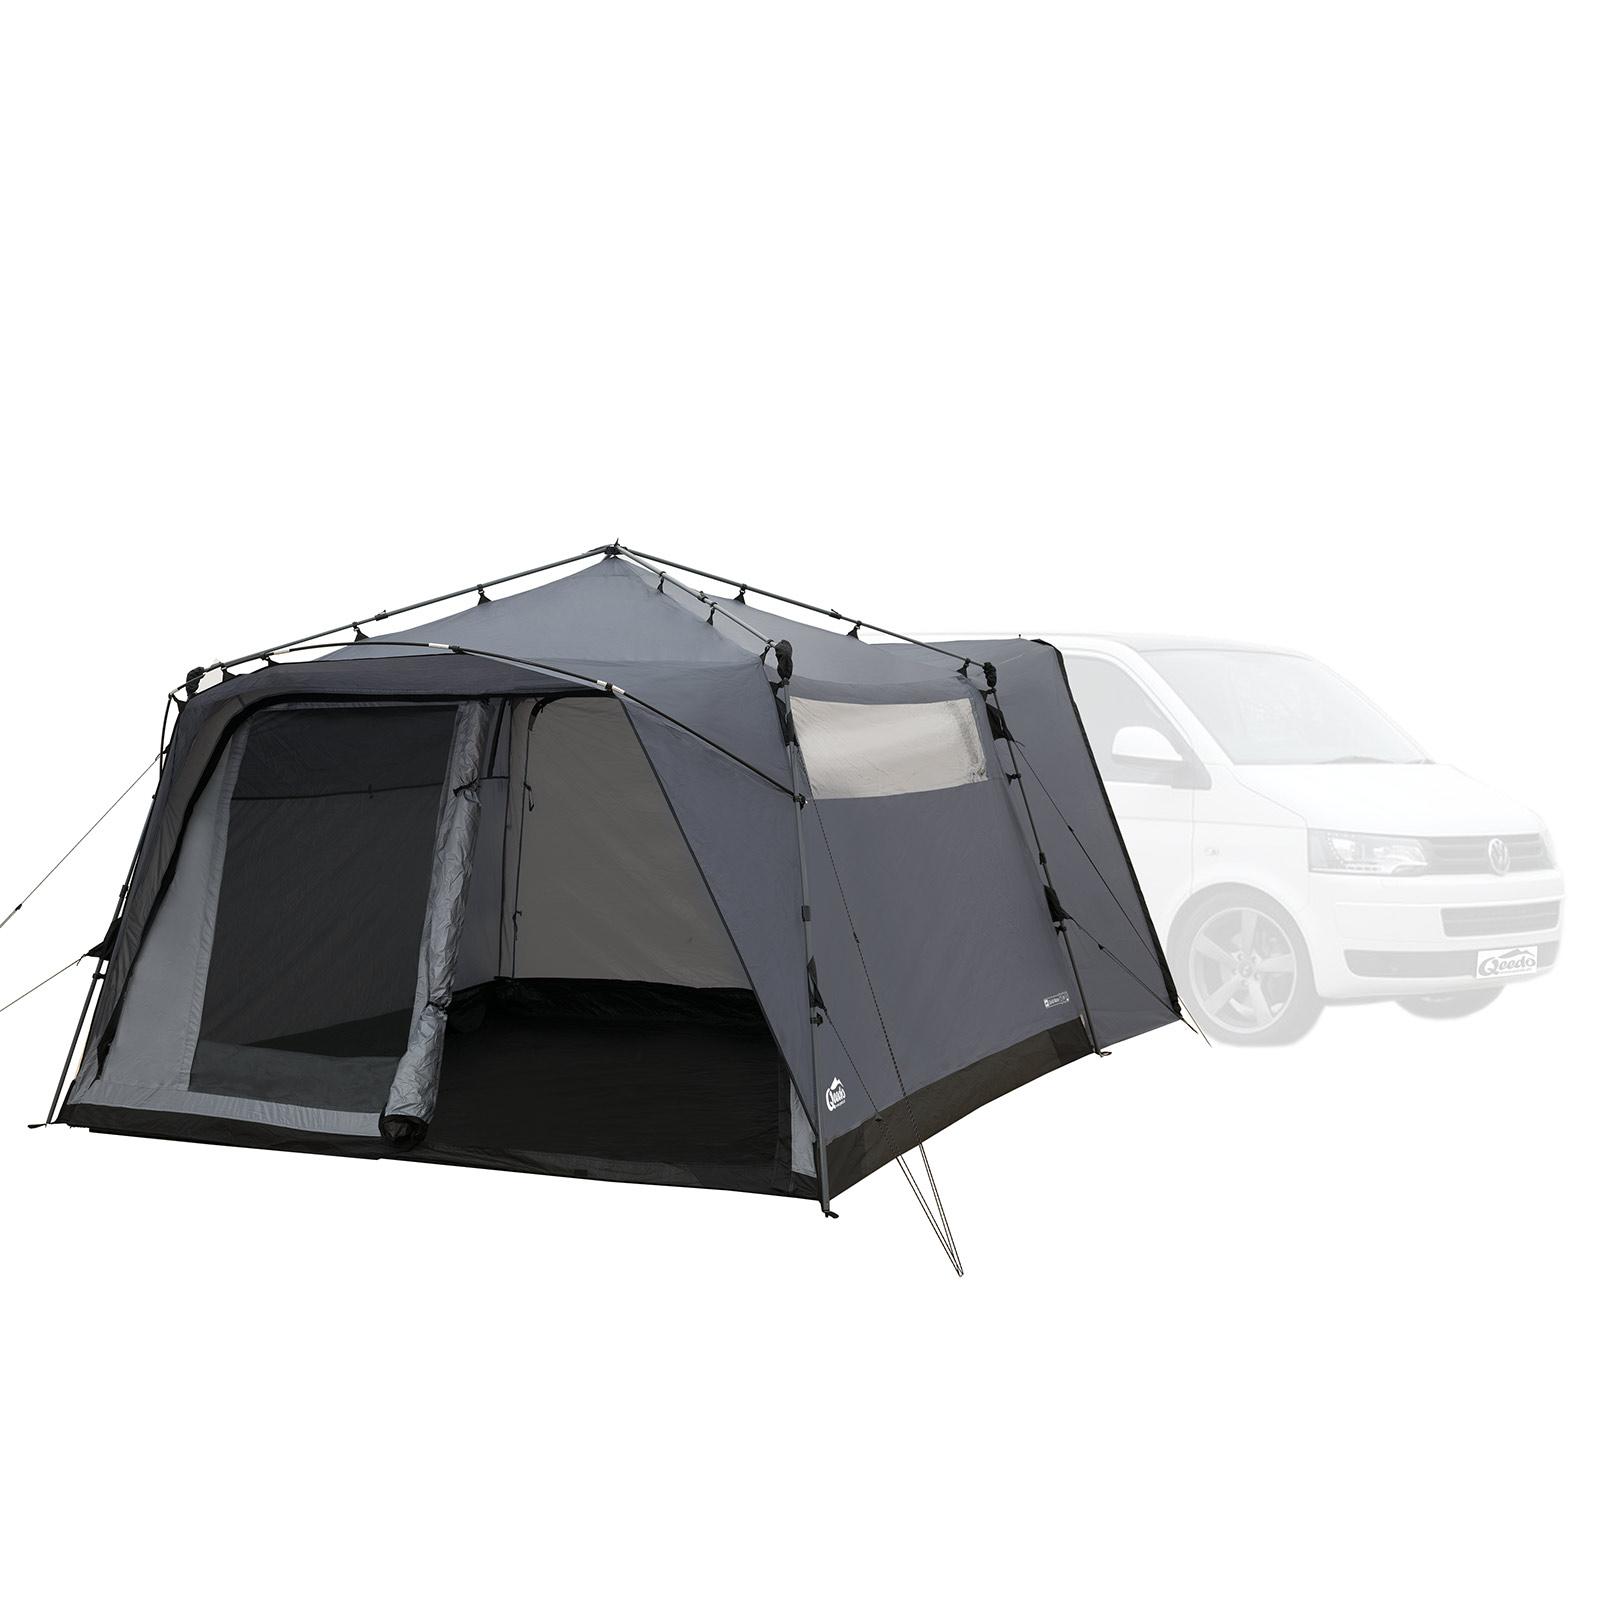 vorzelt bus qeedo quick motor busvorzelt buszelt. Black Bedroom Furniture Sets. Home Design Ideas